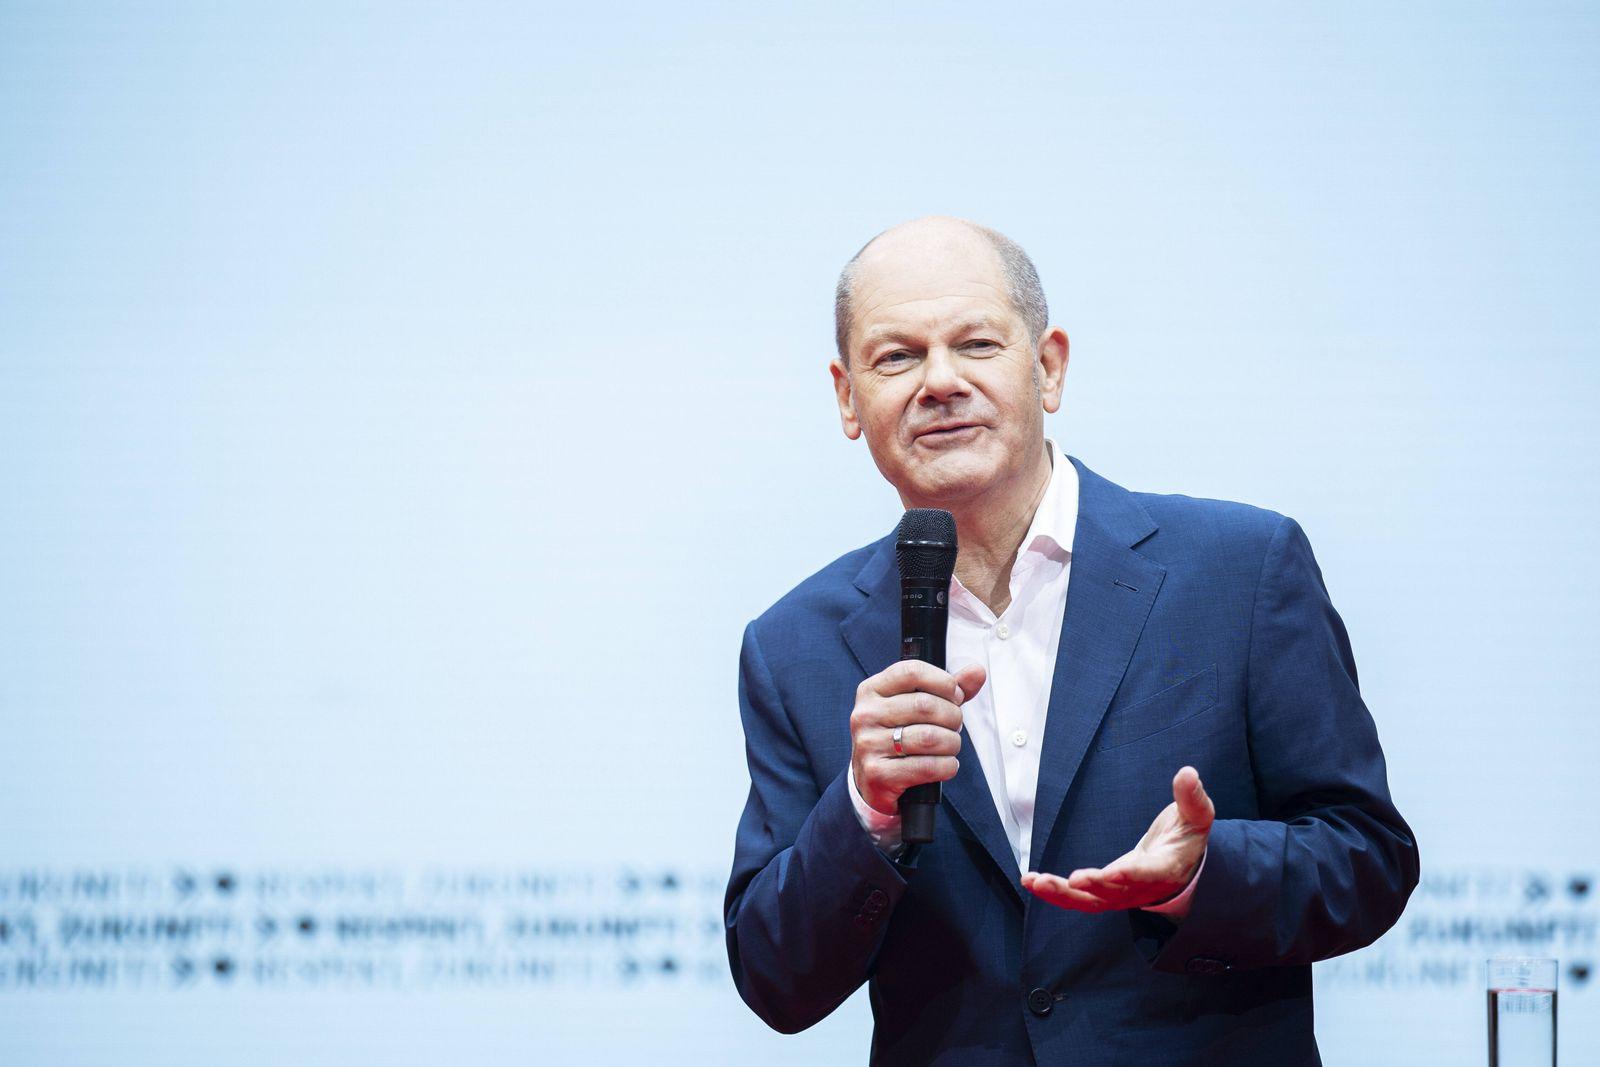 Olaf Scholz, Kanzlerkandidat der SPD, spricht beim SPD-Zukunftsforum in Berlin, 20.06.2021. Berlin Deutschland *** Olaf